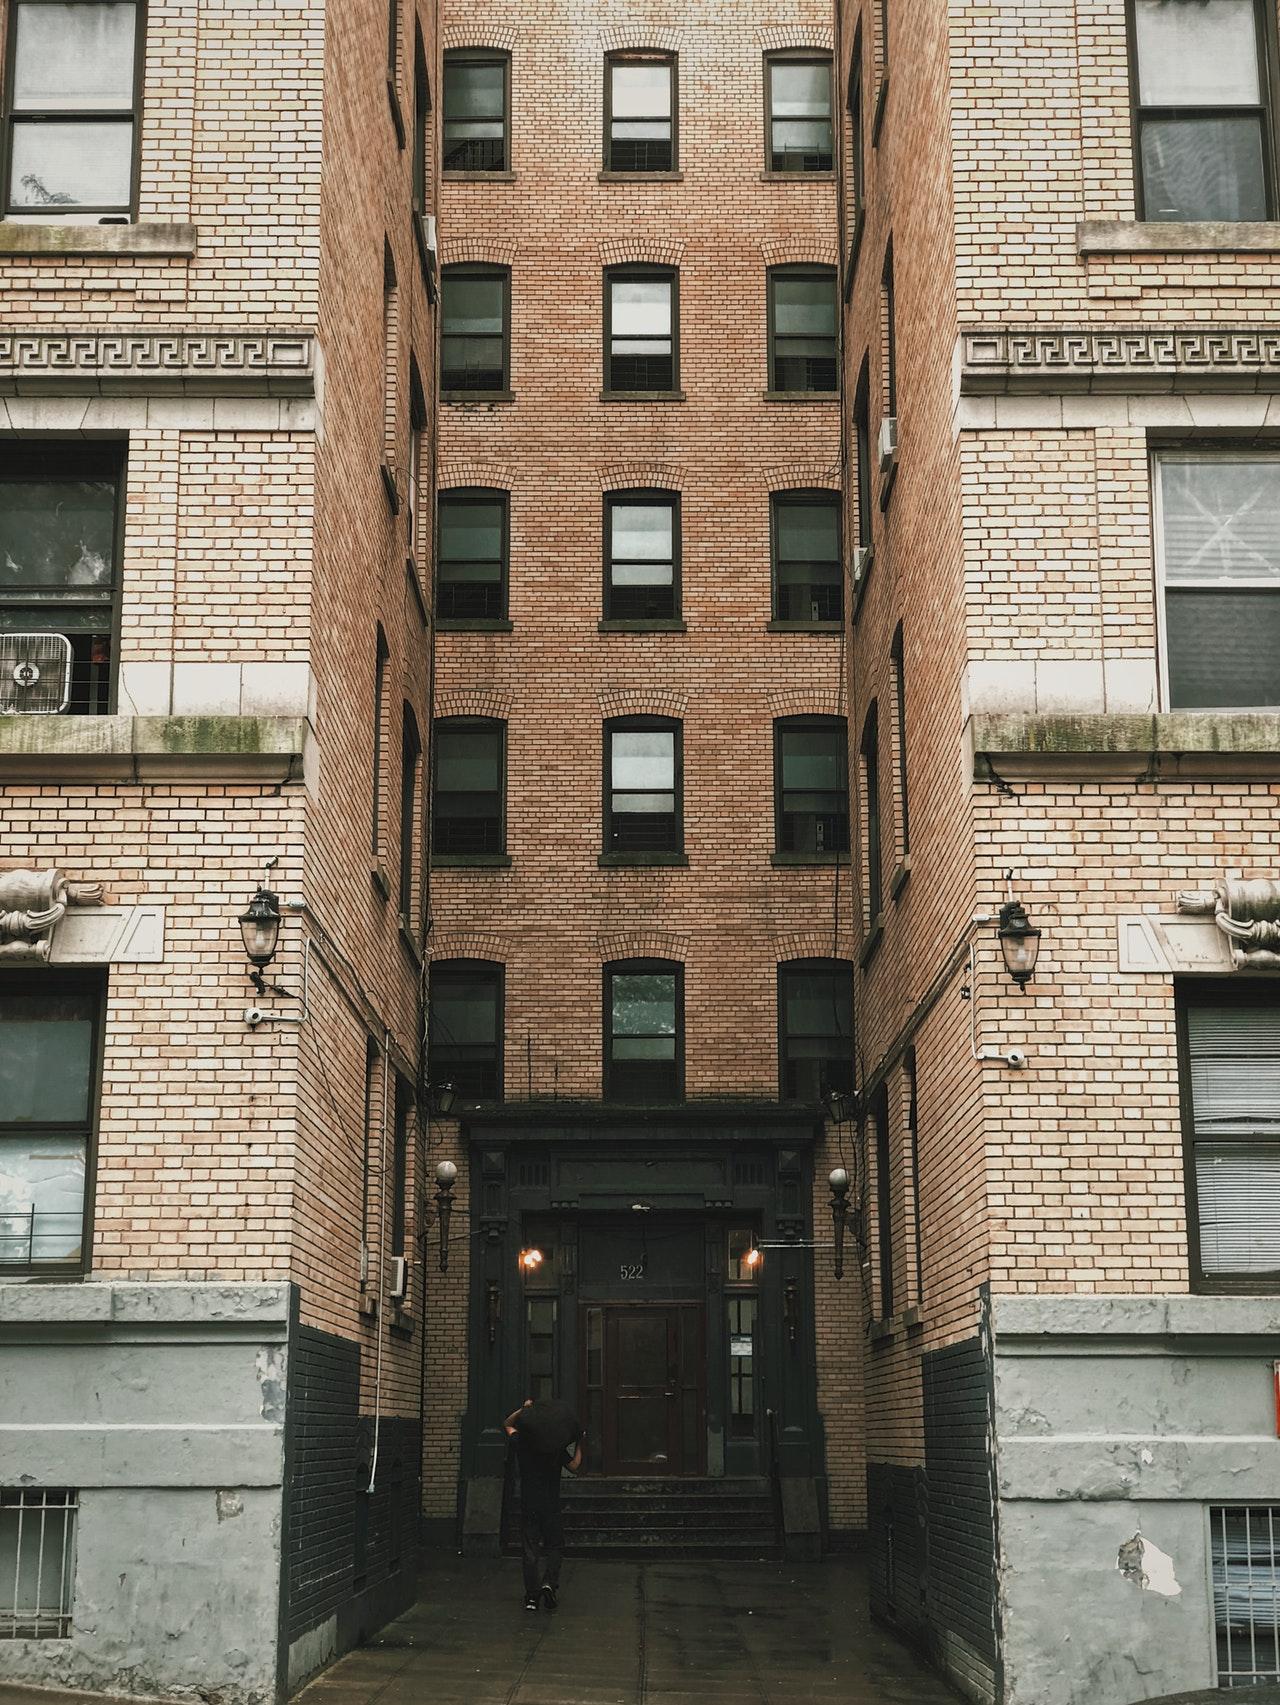 Bor du i lejlighed og smider tit din nøgle væk?